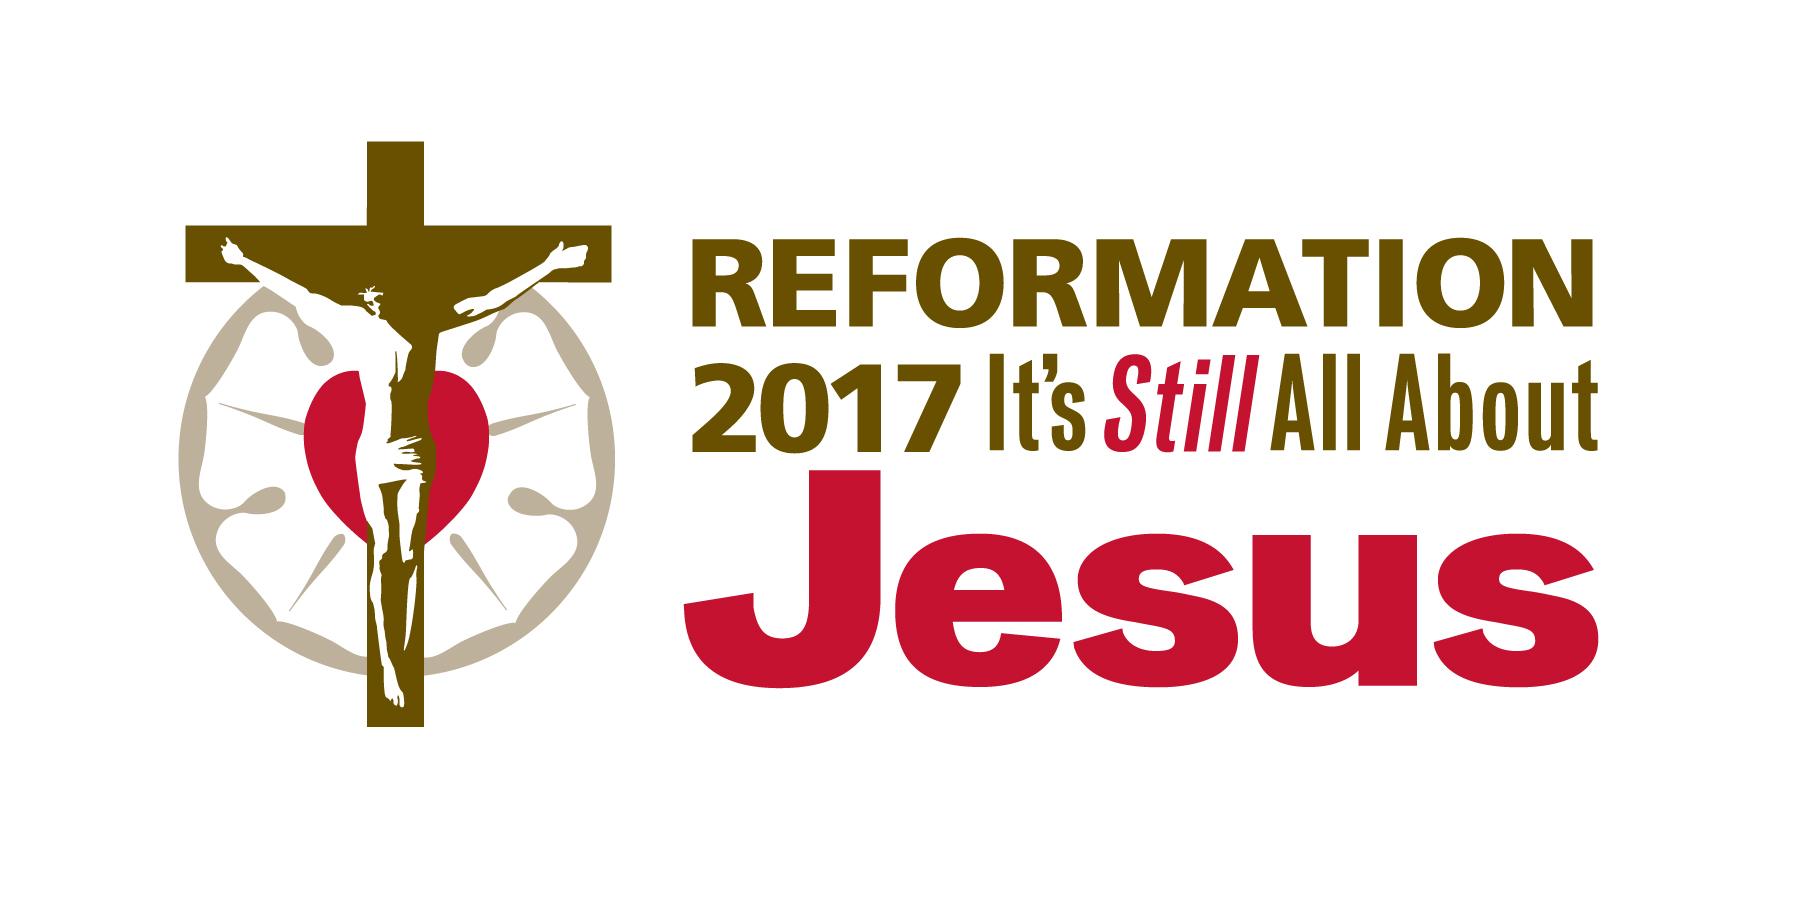 http://lutheranreformation.org/wp-content/uploads/2015/09/reformation2017-logo-color-hr.jpg